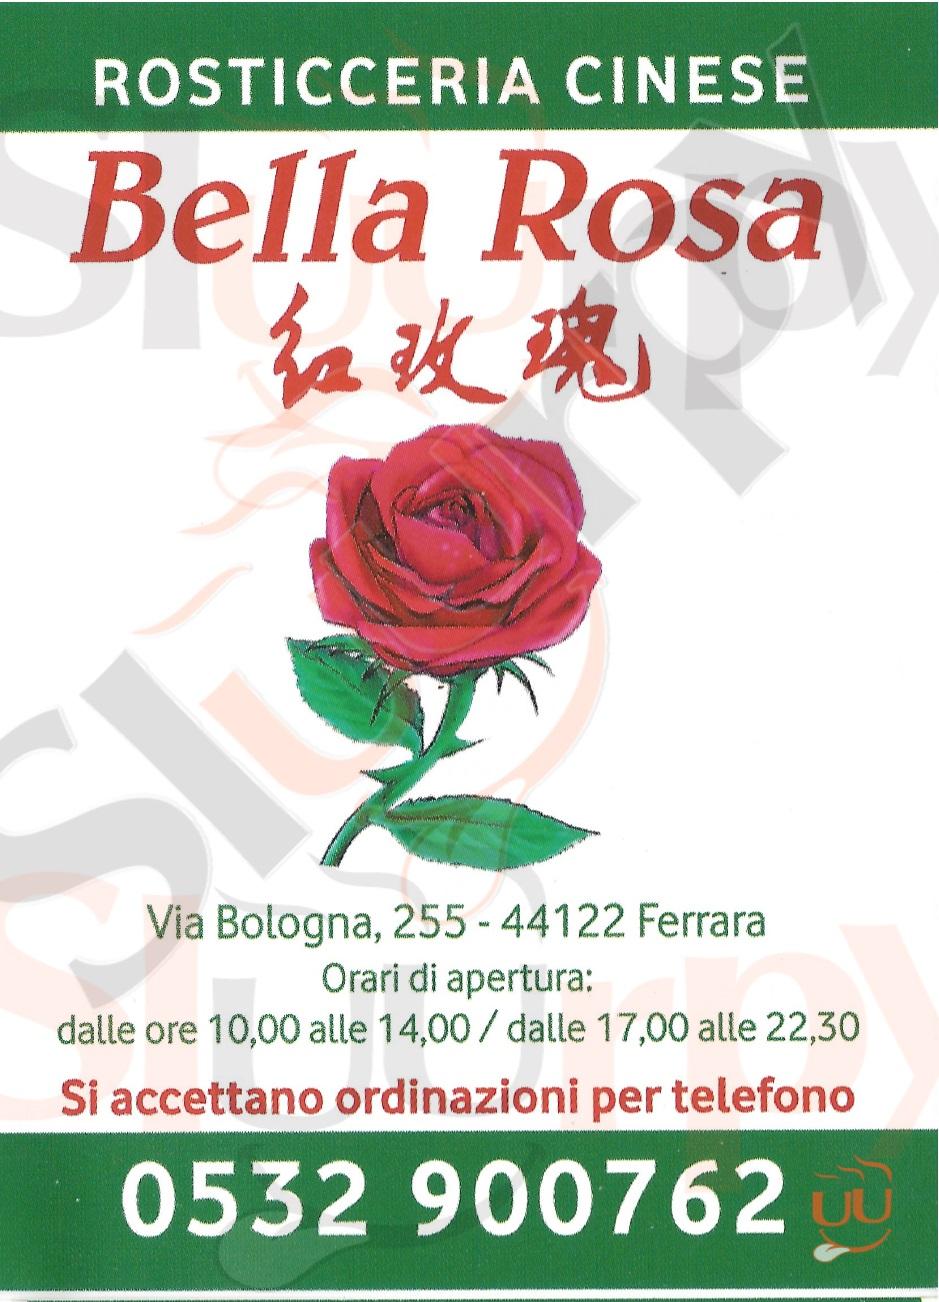 BELLA ROSA Ferrara menù 1 pagina